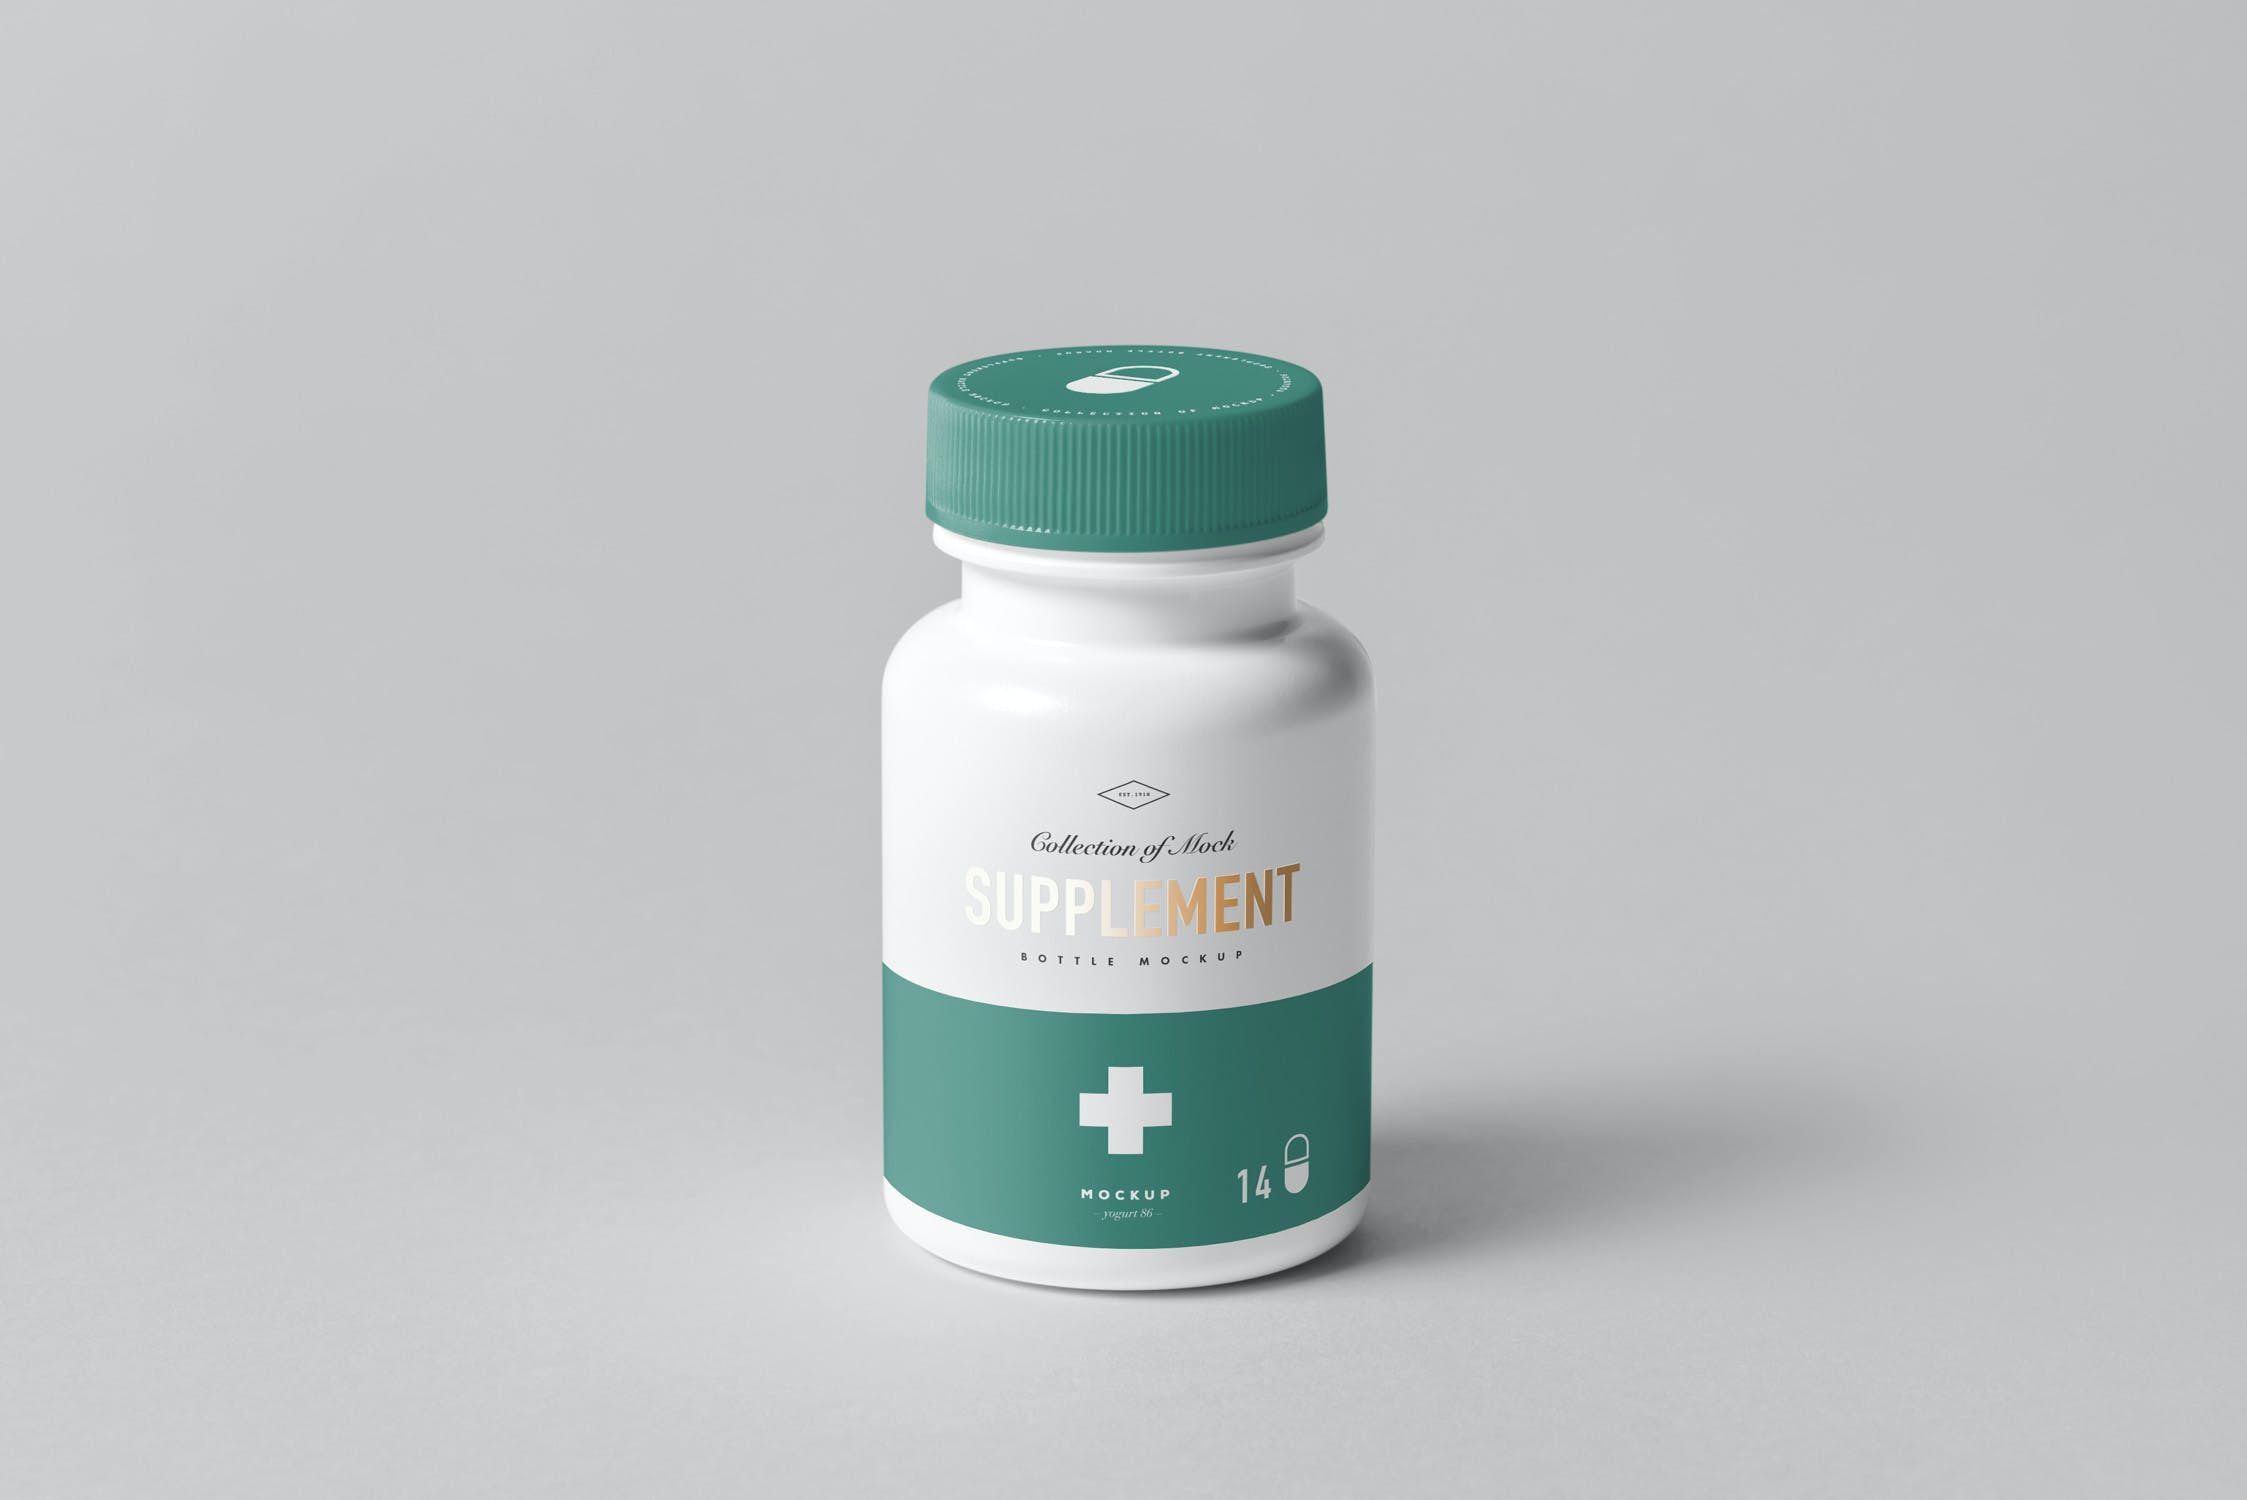 8款药物补充瓶塑料瓶包装盒设计展示样机模板 Supplement Bottle Mockup插图(9)